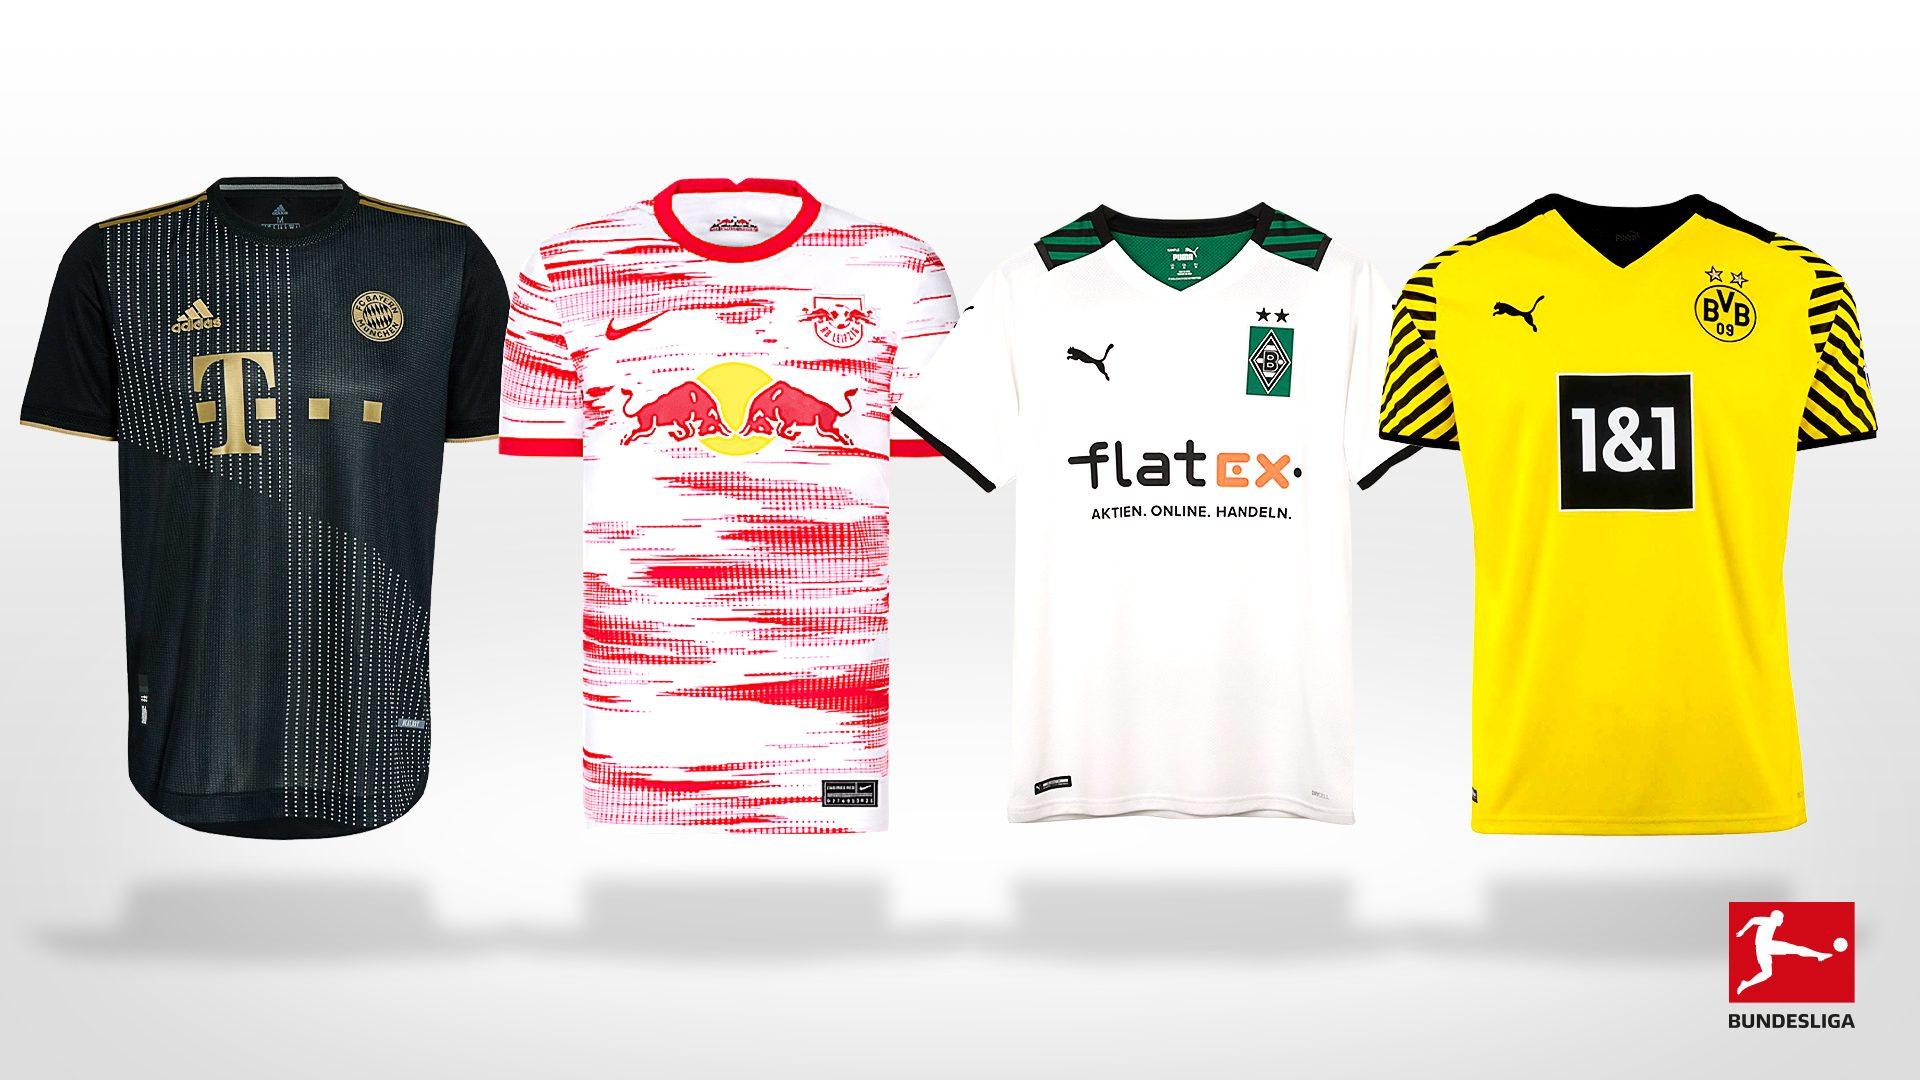 Bundesliga All The New Bundesliga Jerseys For The 2021 22 Season